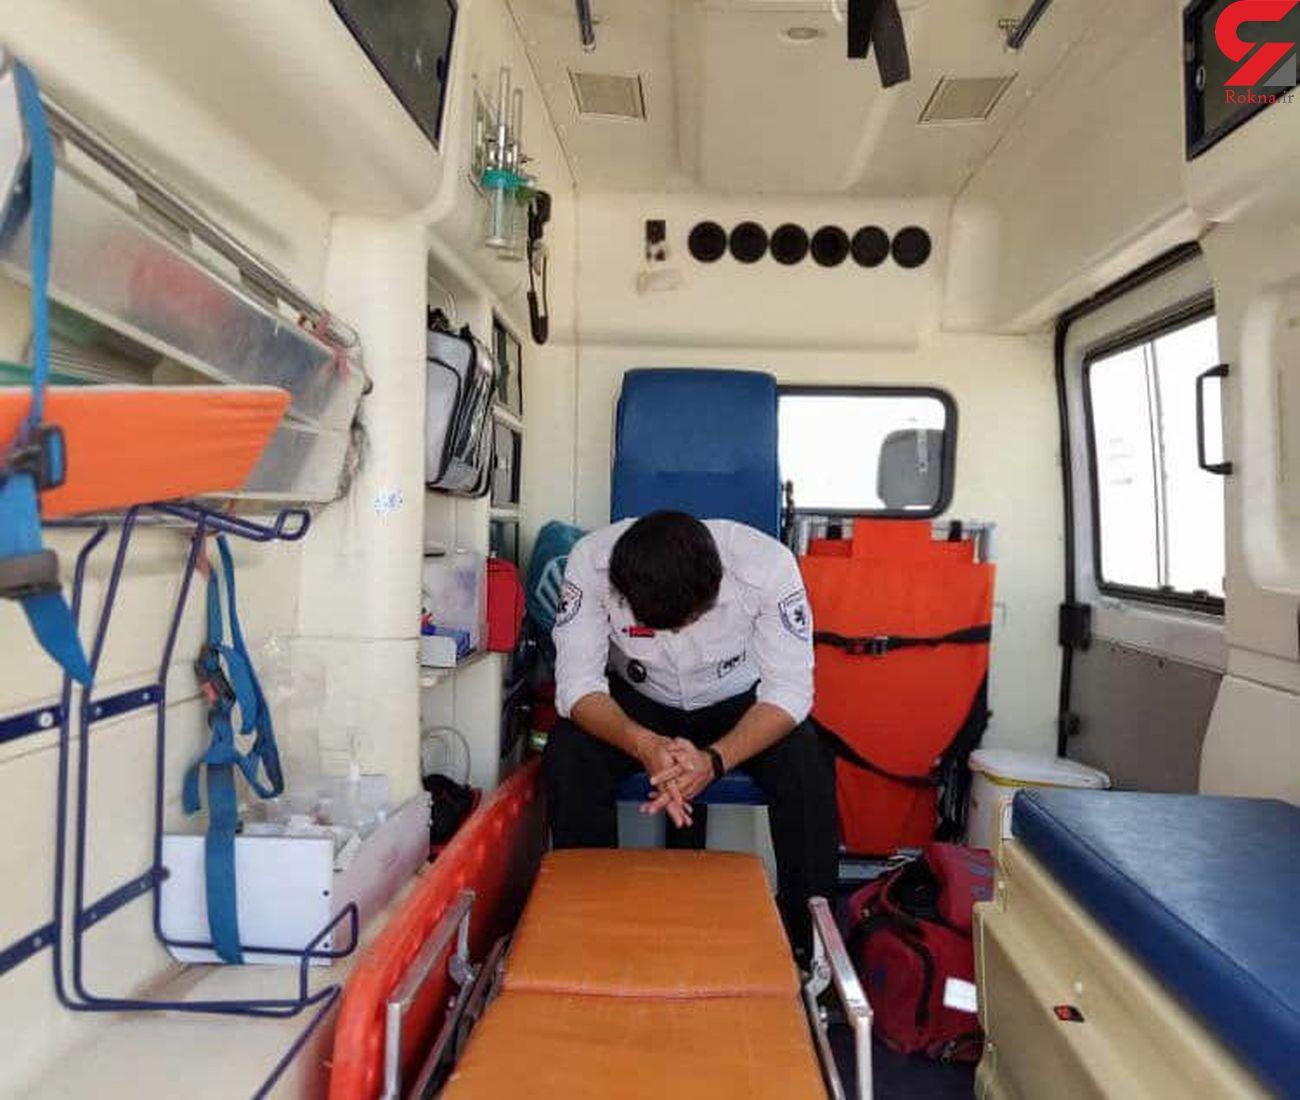 ضرب و شتم کارشناس اورژانس ۱۱۵ نیشابور در حین خدماترسانی